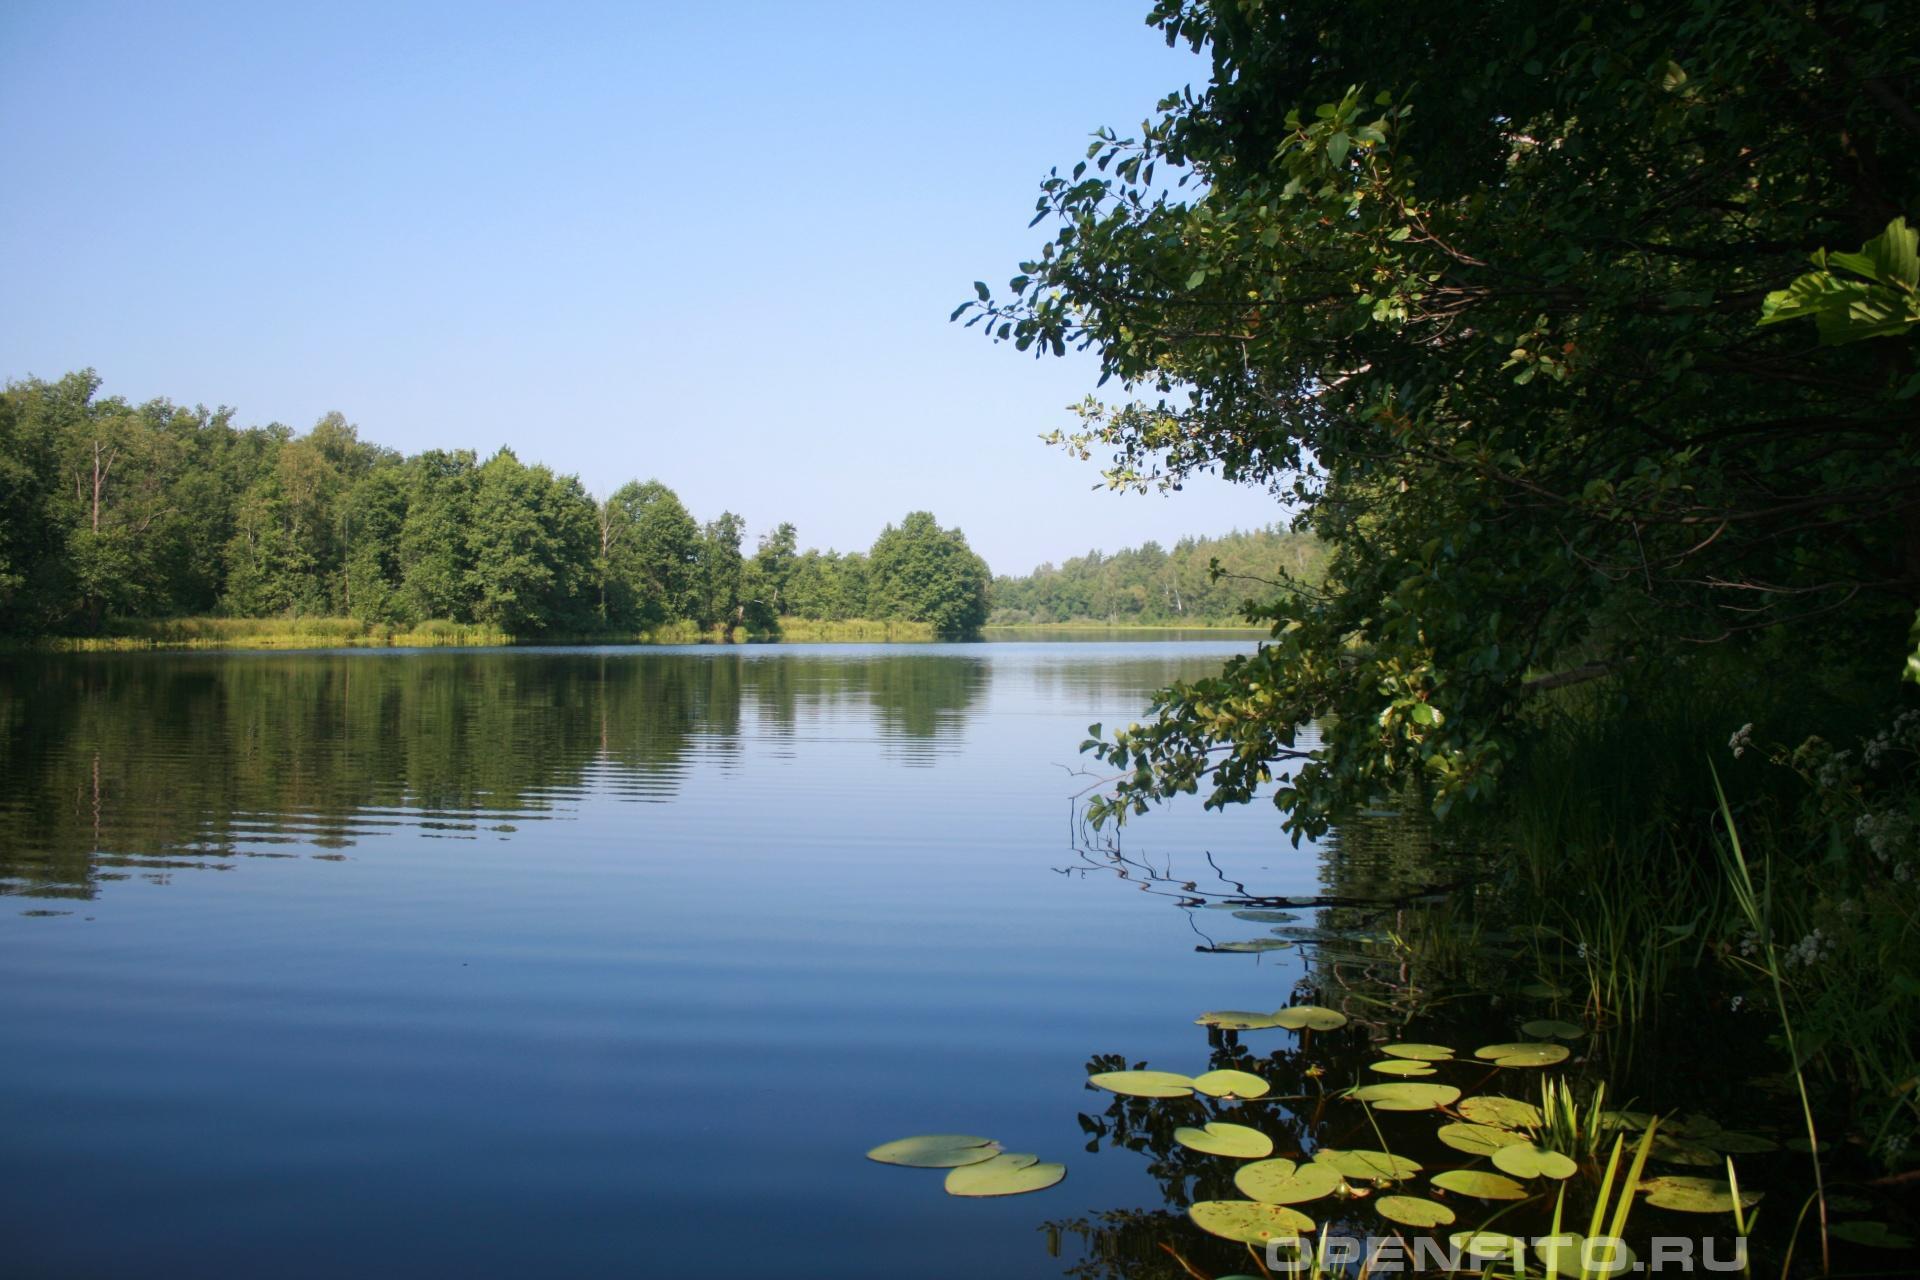 Озеро Ореховое Южский район Ивановская область